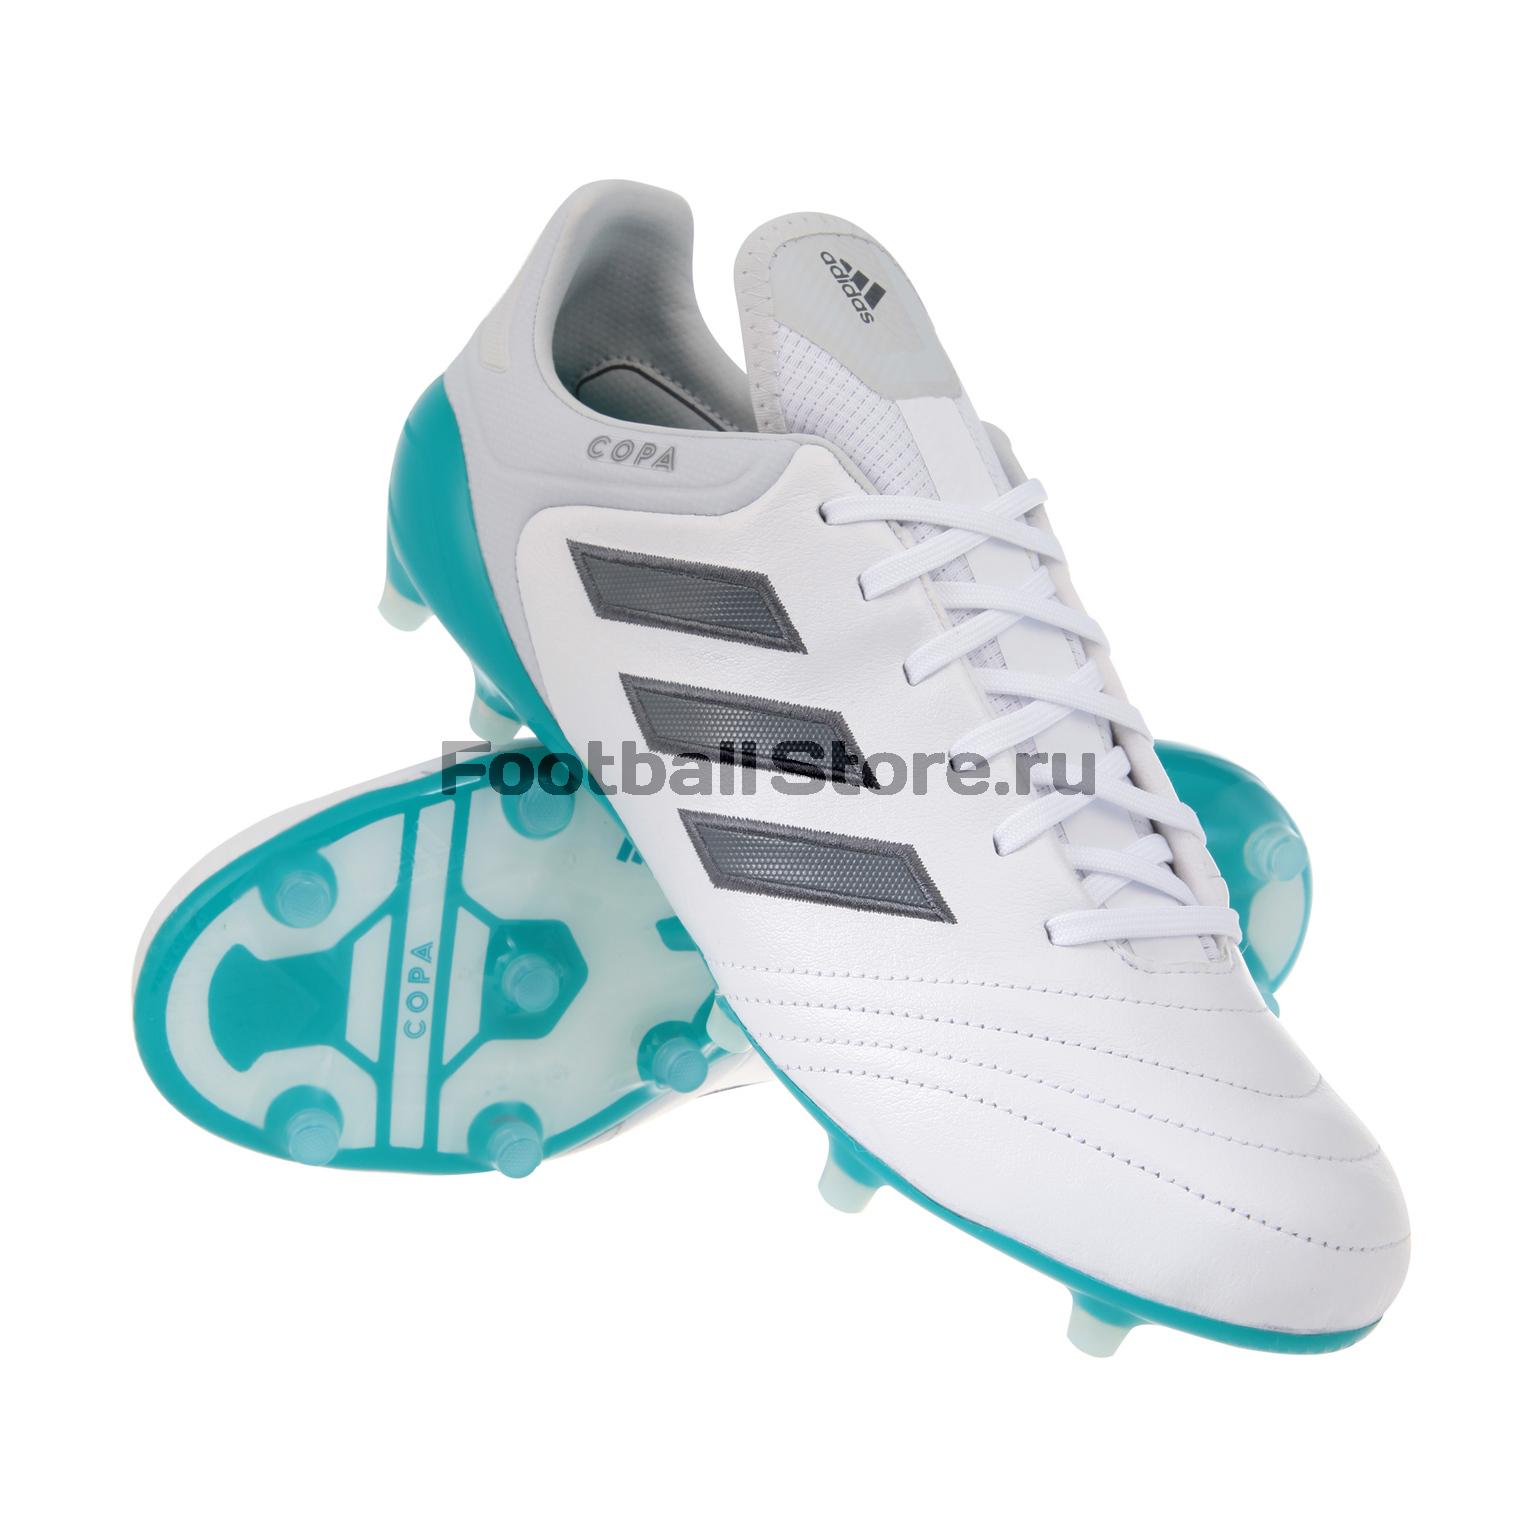 Игровые бутсы Adidas Бутсы Adidas Copa 17.1 FG S77124